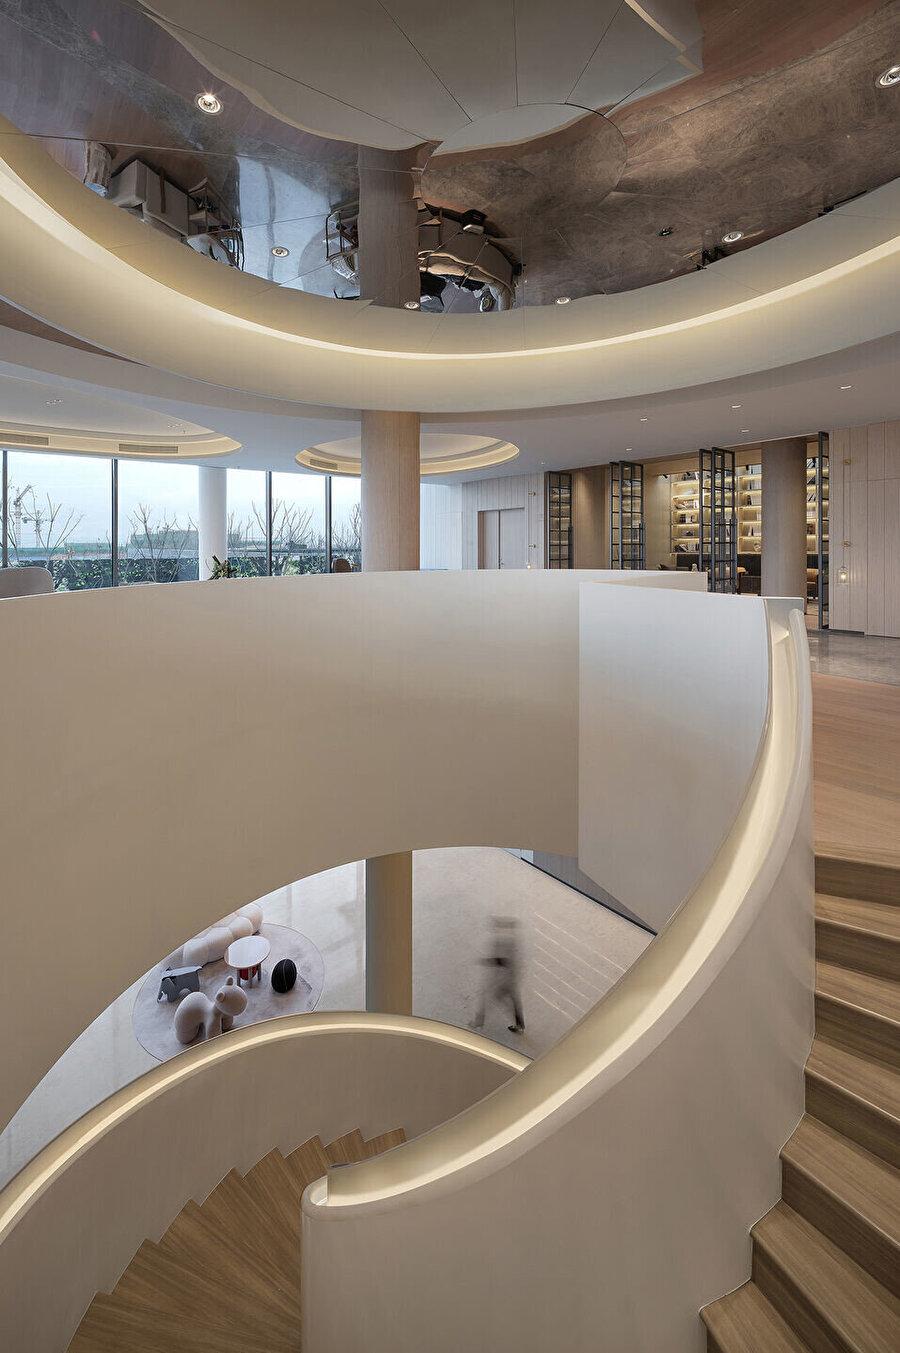 Bina formunda kullanılan oval tasarım, katlar arası merdivende de tercih ediliyor.